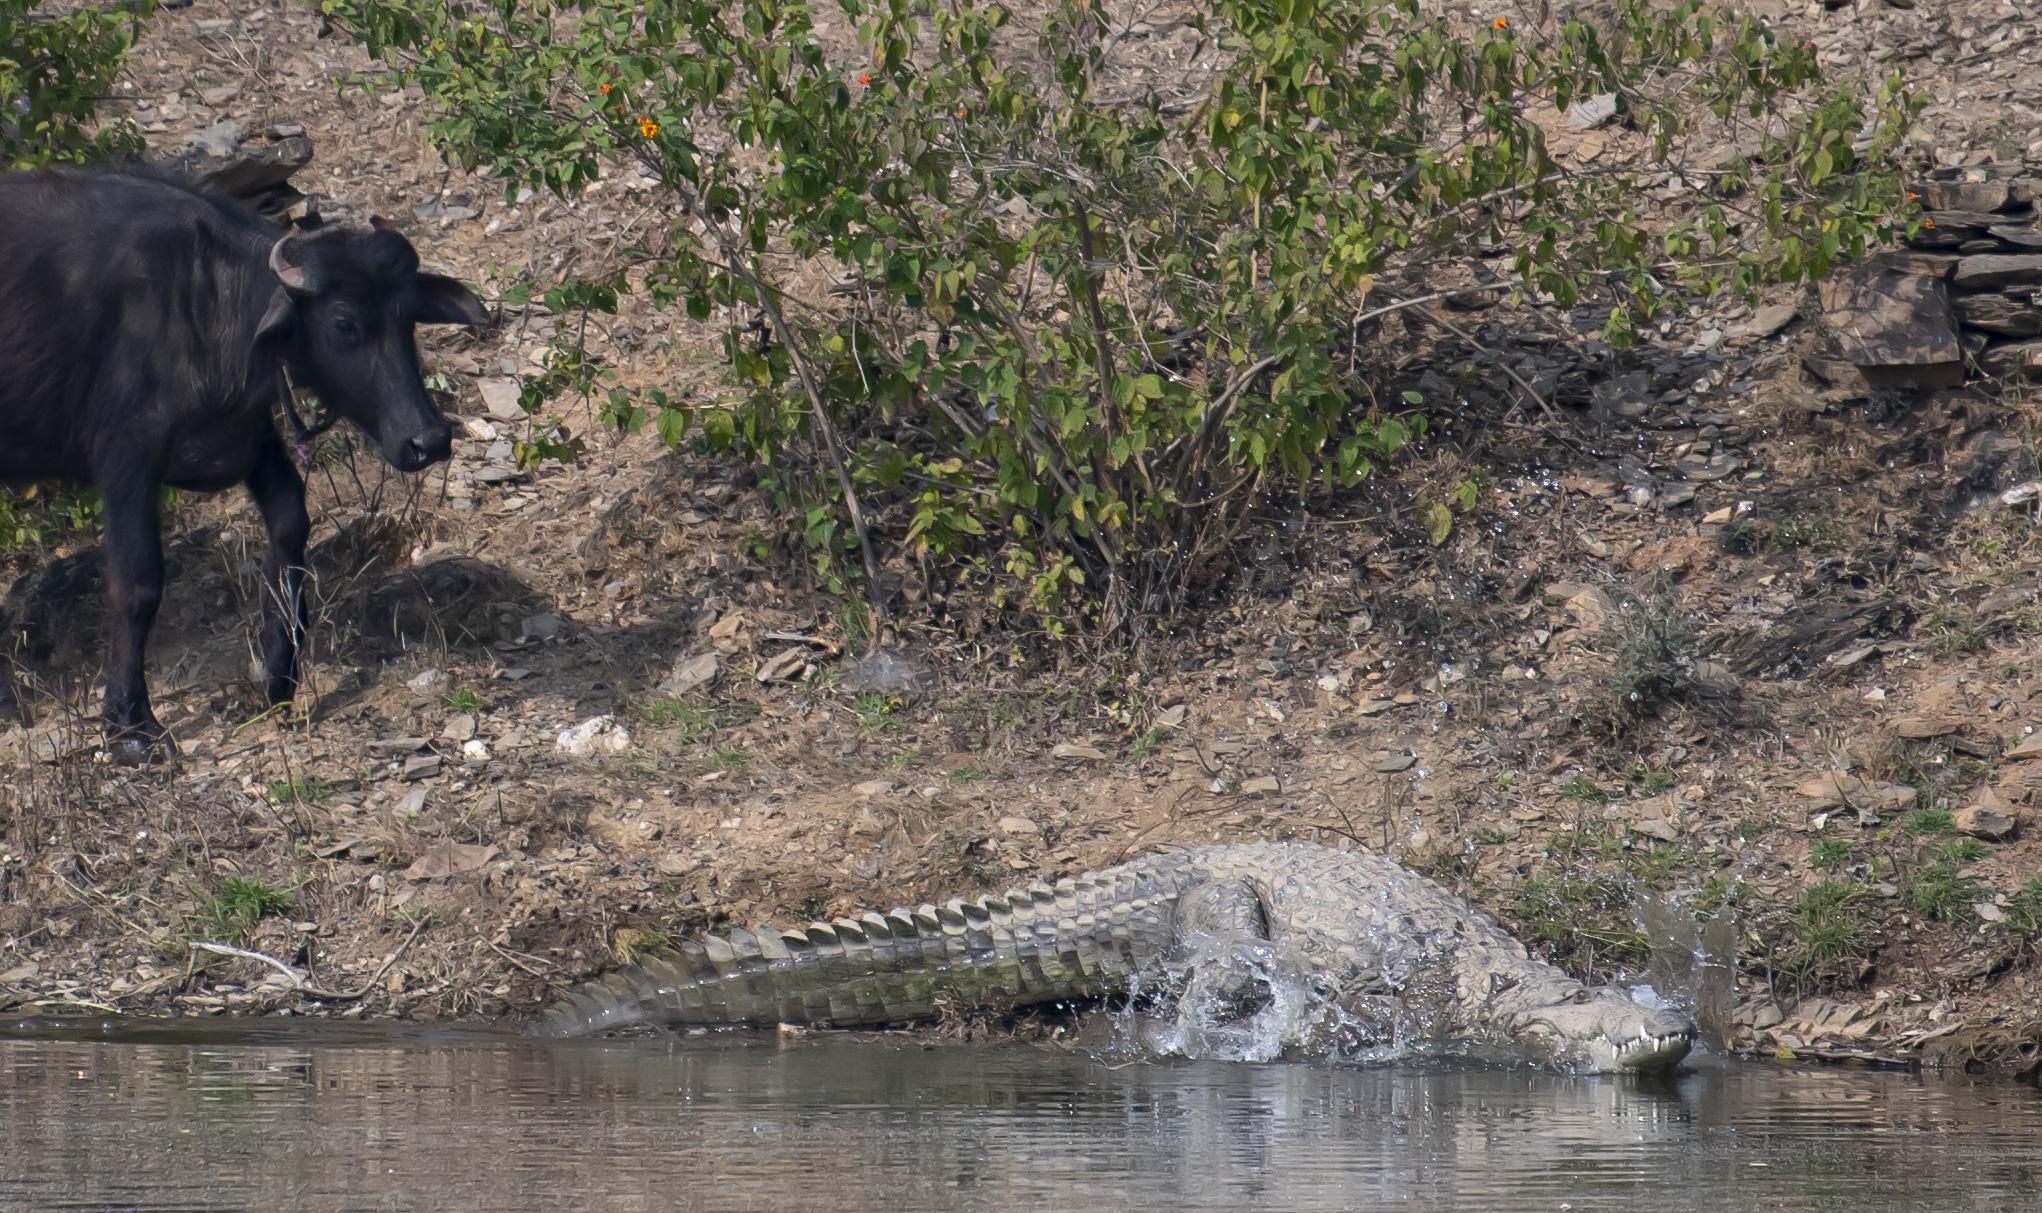 Buffalo looking at crocodile